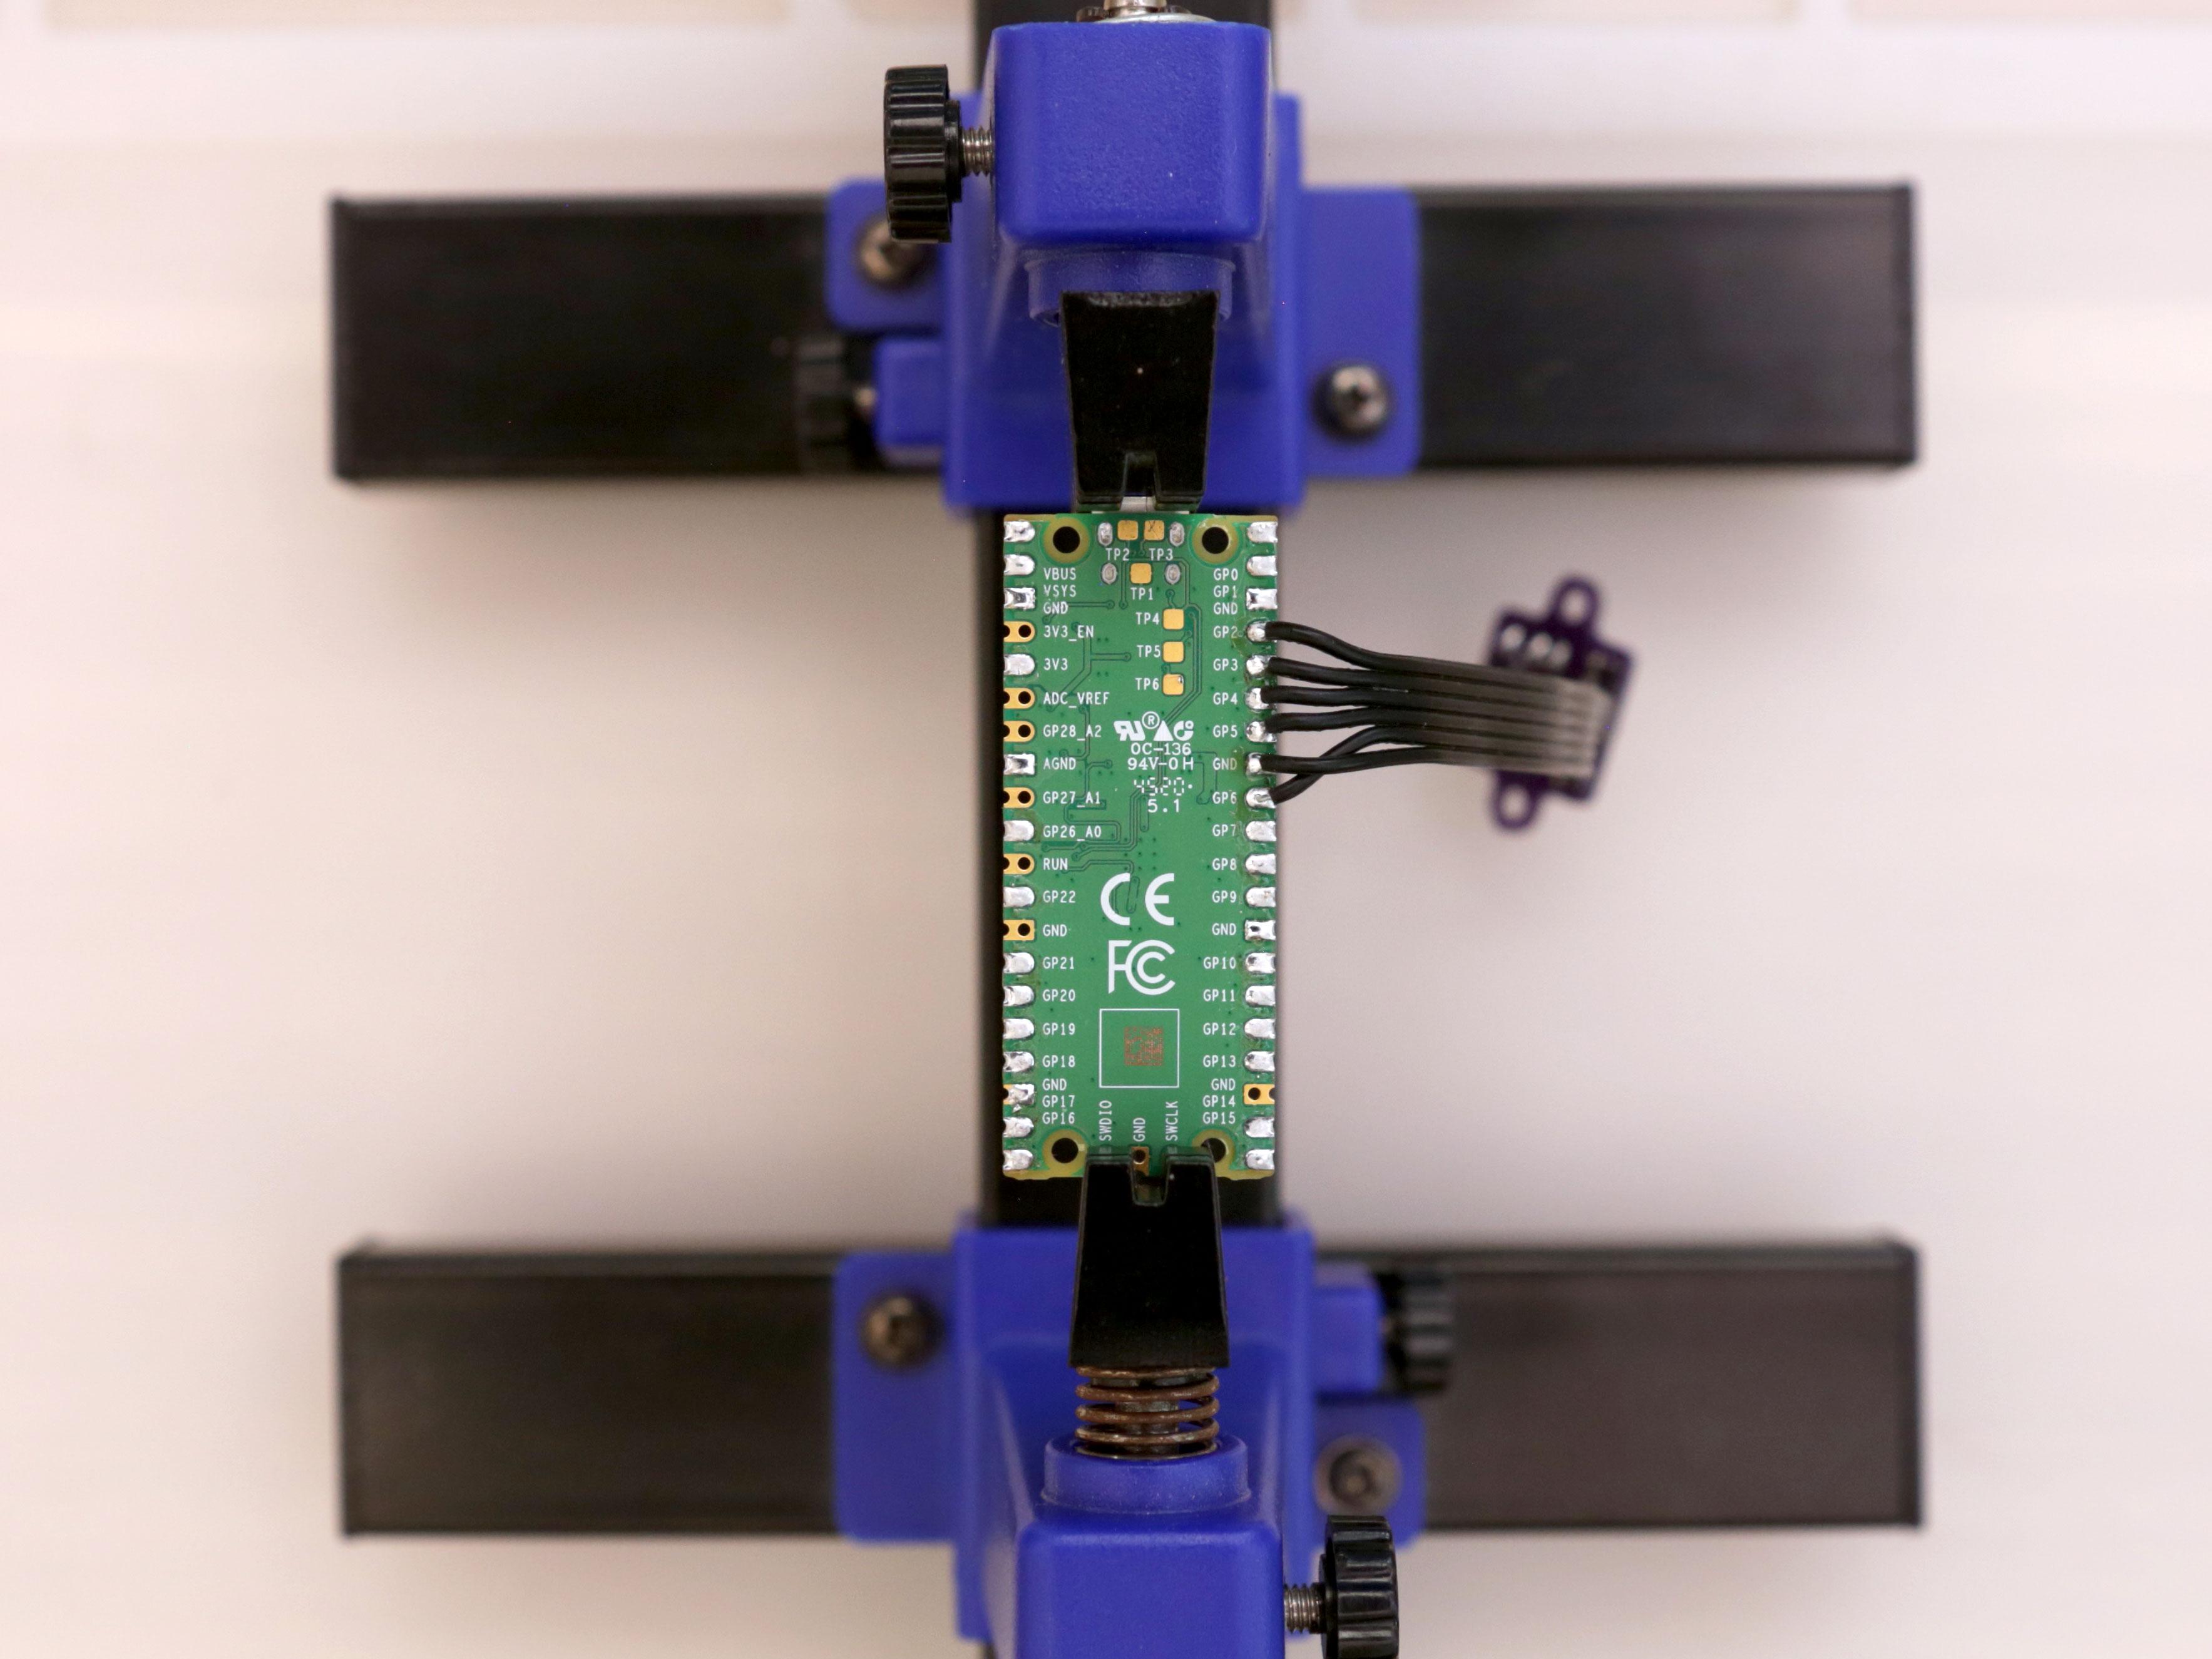 3d_printing_5way-pico-soldering.jpg